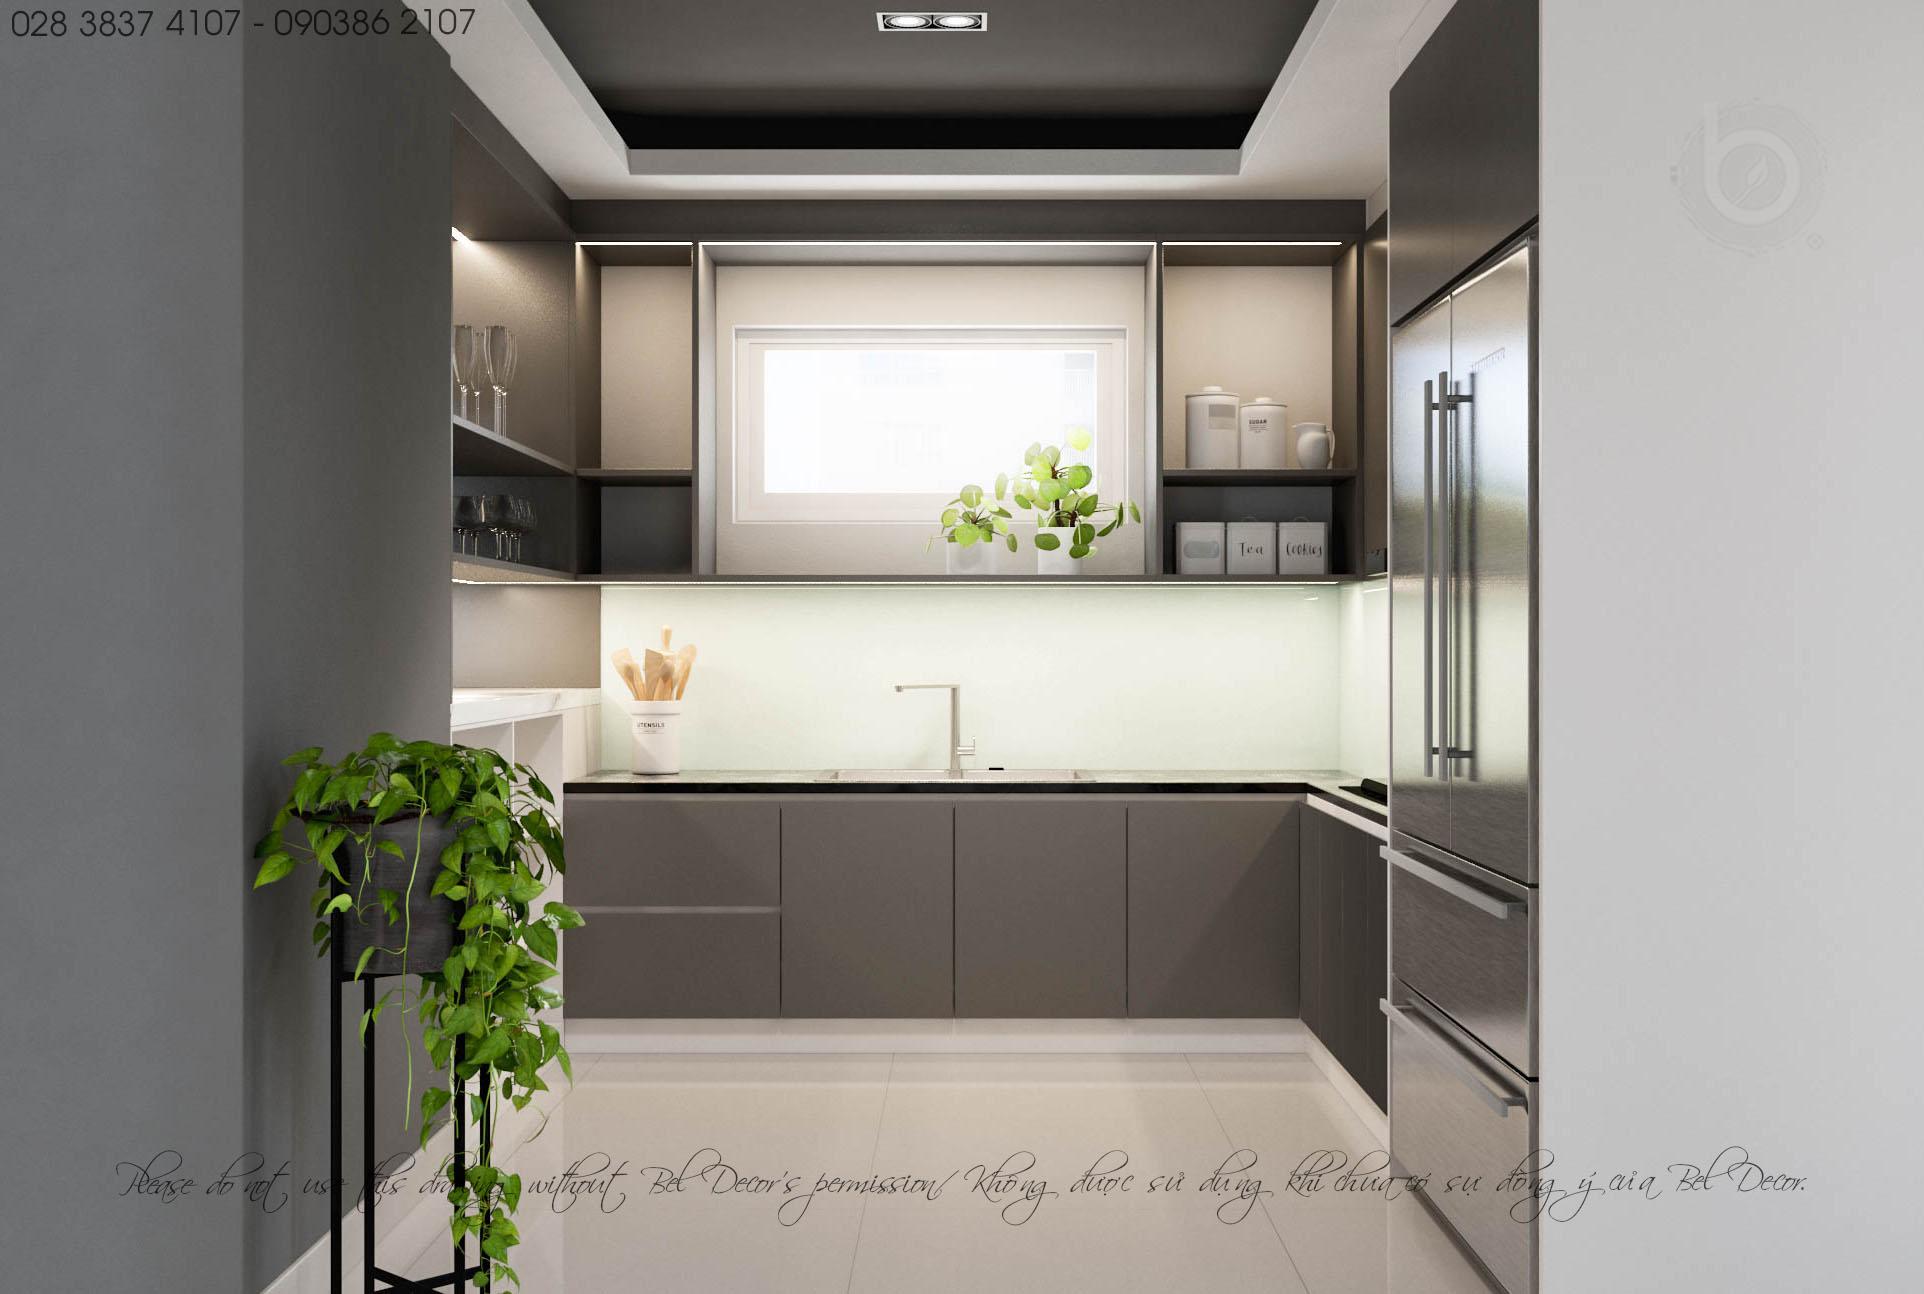 thiết kế nội thất chung cư tại Hồ Chí Minh THIẾT KẾ NỘI THẤT CĂN HỘ (HO1902) 6 1560306007